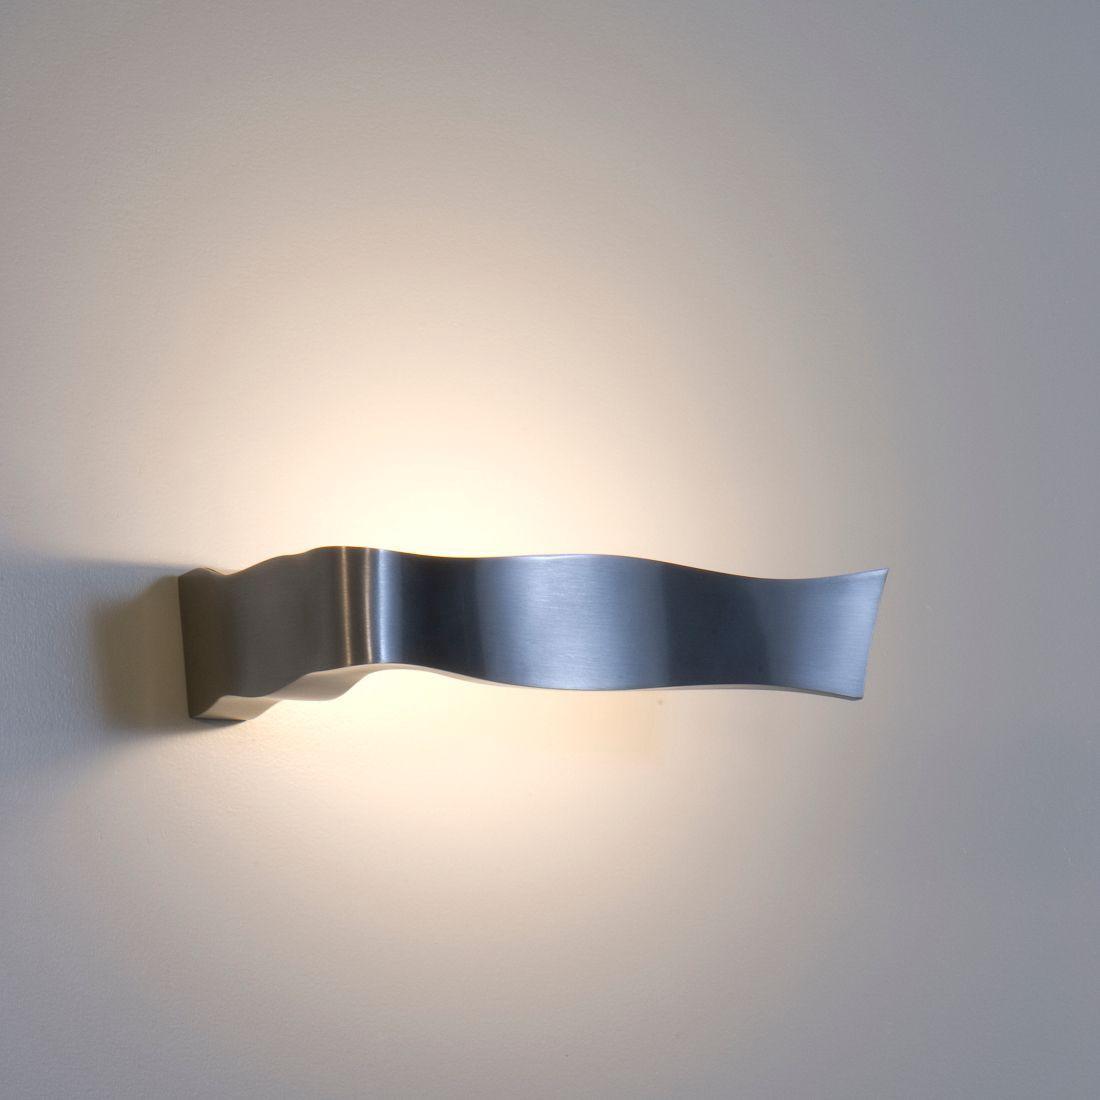 Wandleuchte Yves – Aluminium-Druckguss gebürstet, Fontana Arte jetzt kaufen